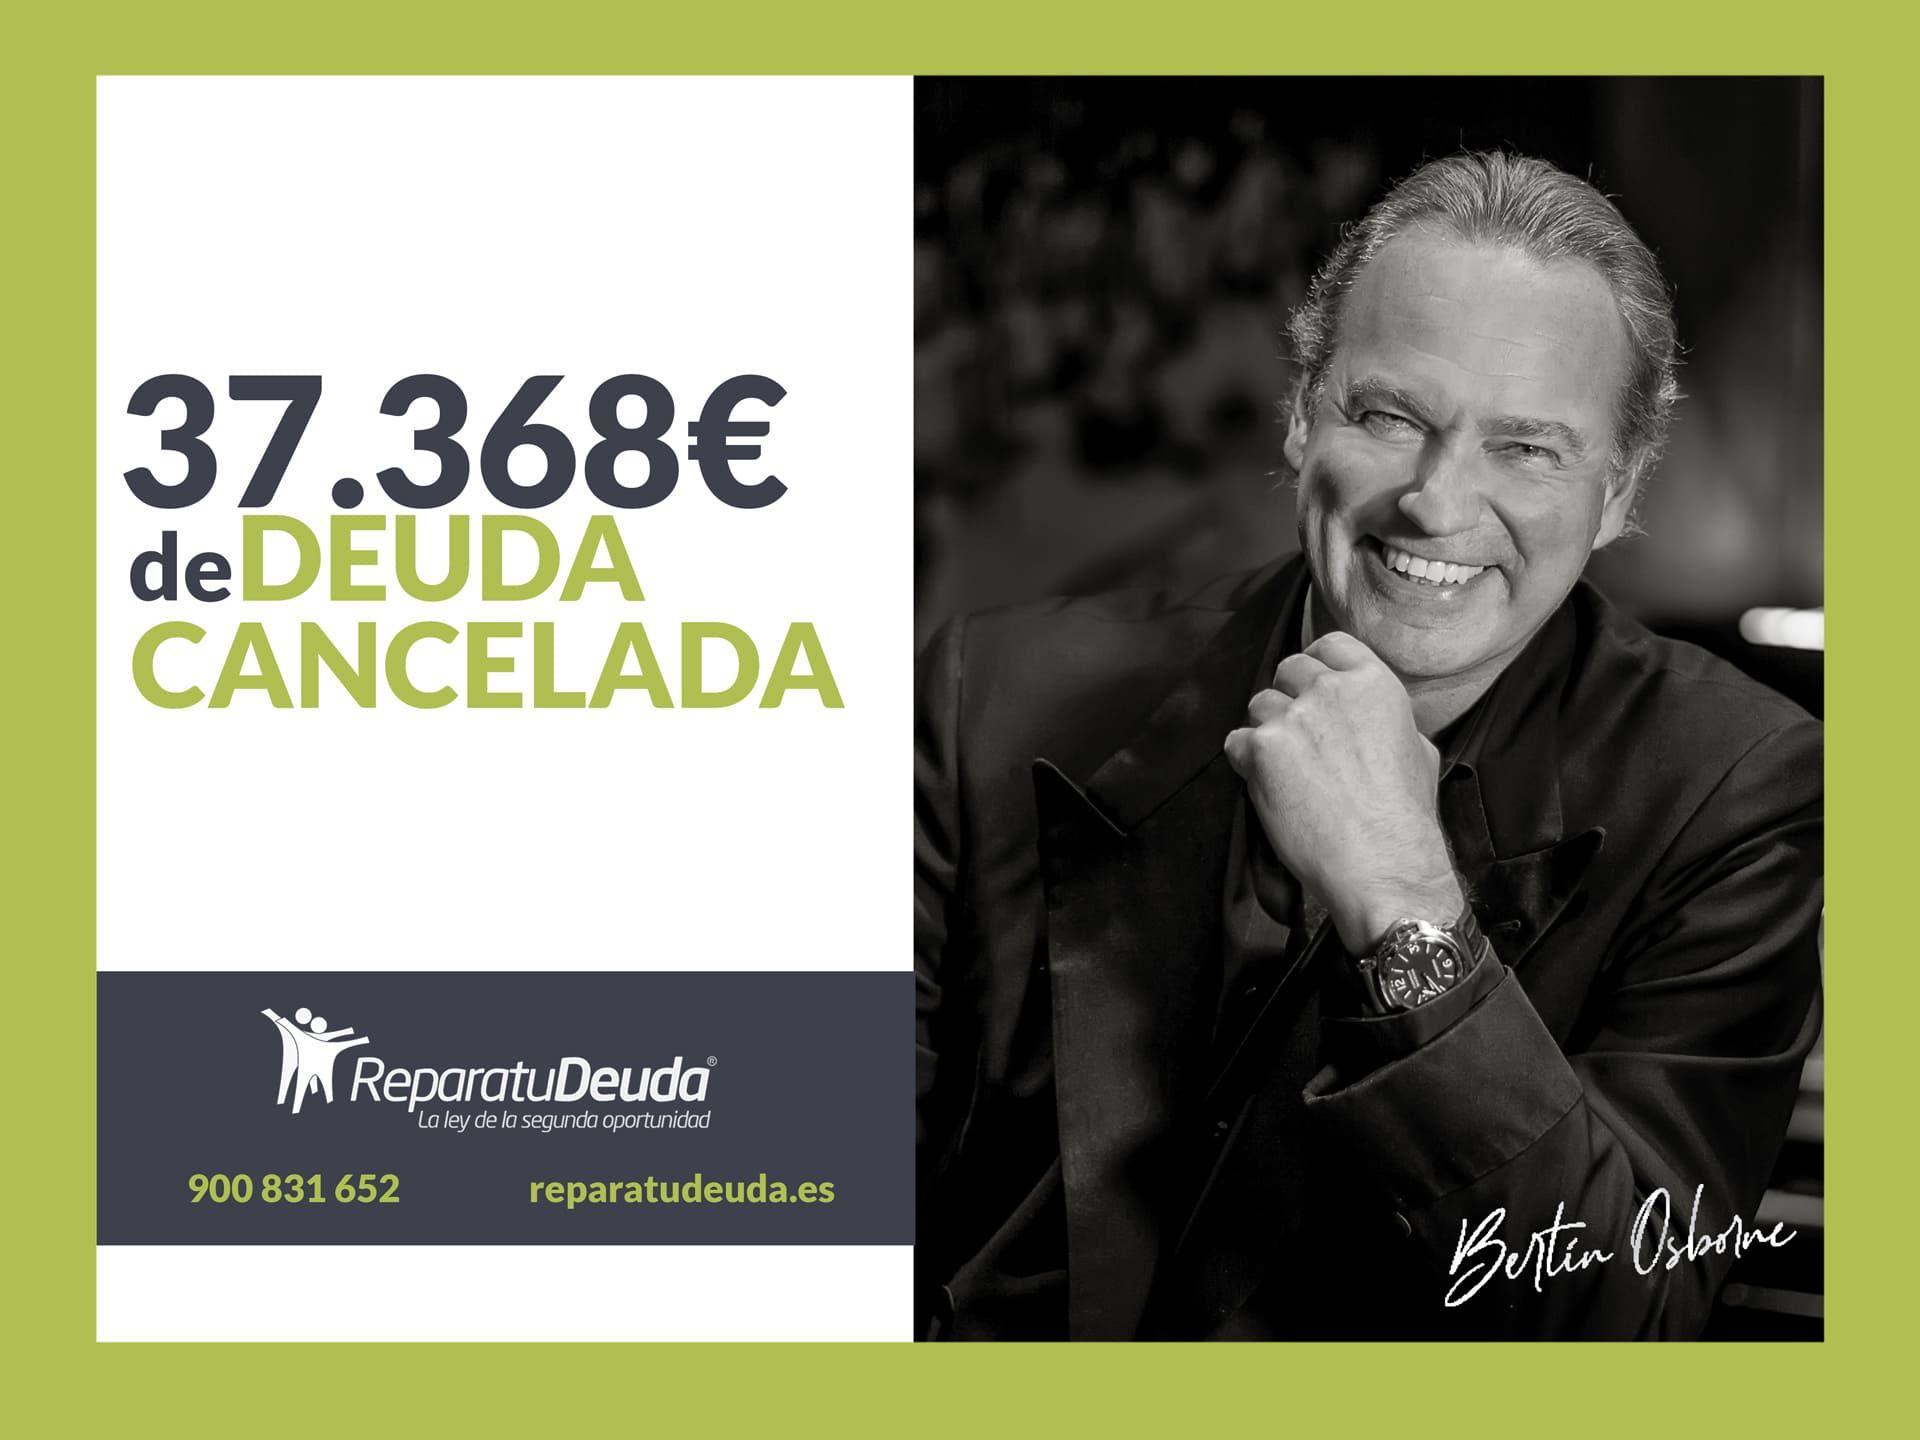 Repara tu Deuda cancela 37.368 ? en Guadalajara (Castilla-La Mancha) con la Ley de Segunda Oportunidad